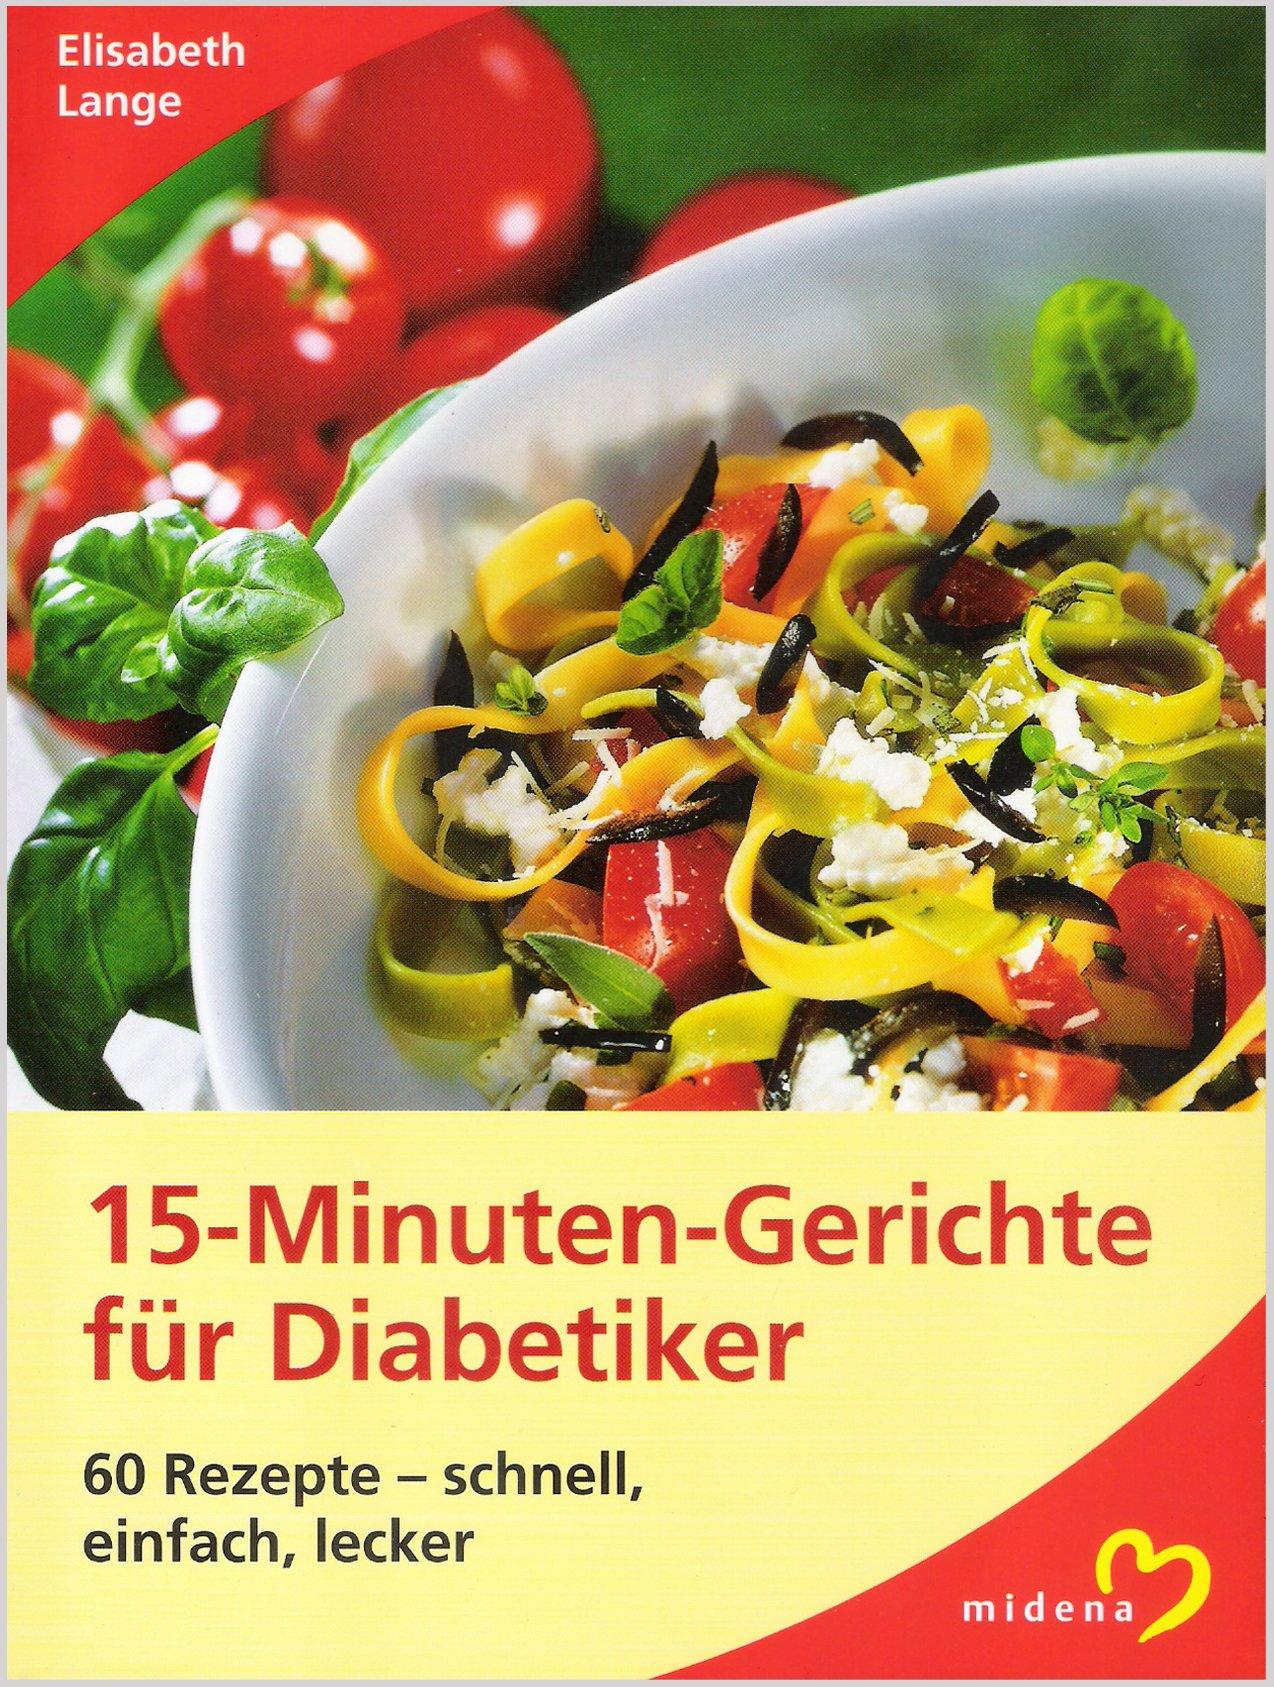 15-Minuten-Gerichte für Diabetiker: 60 Rezepte - schnell, einfach, lecker